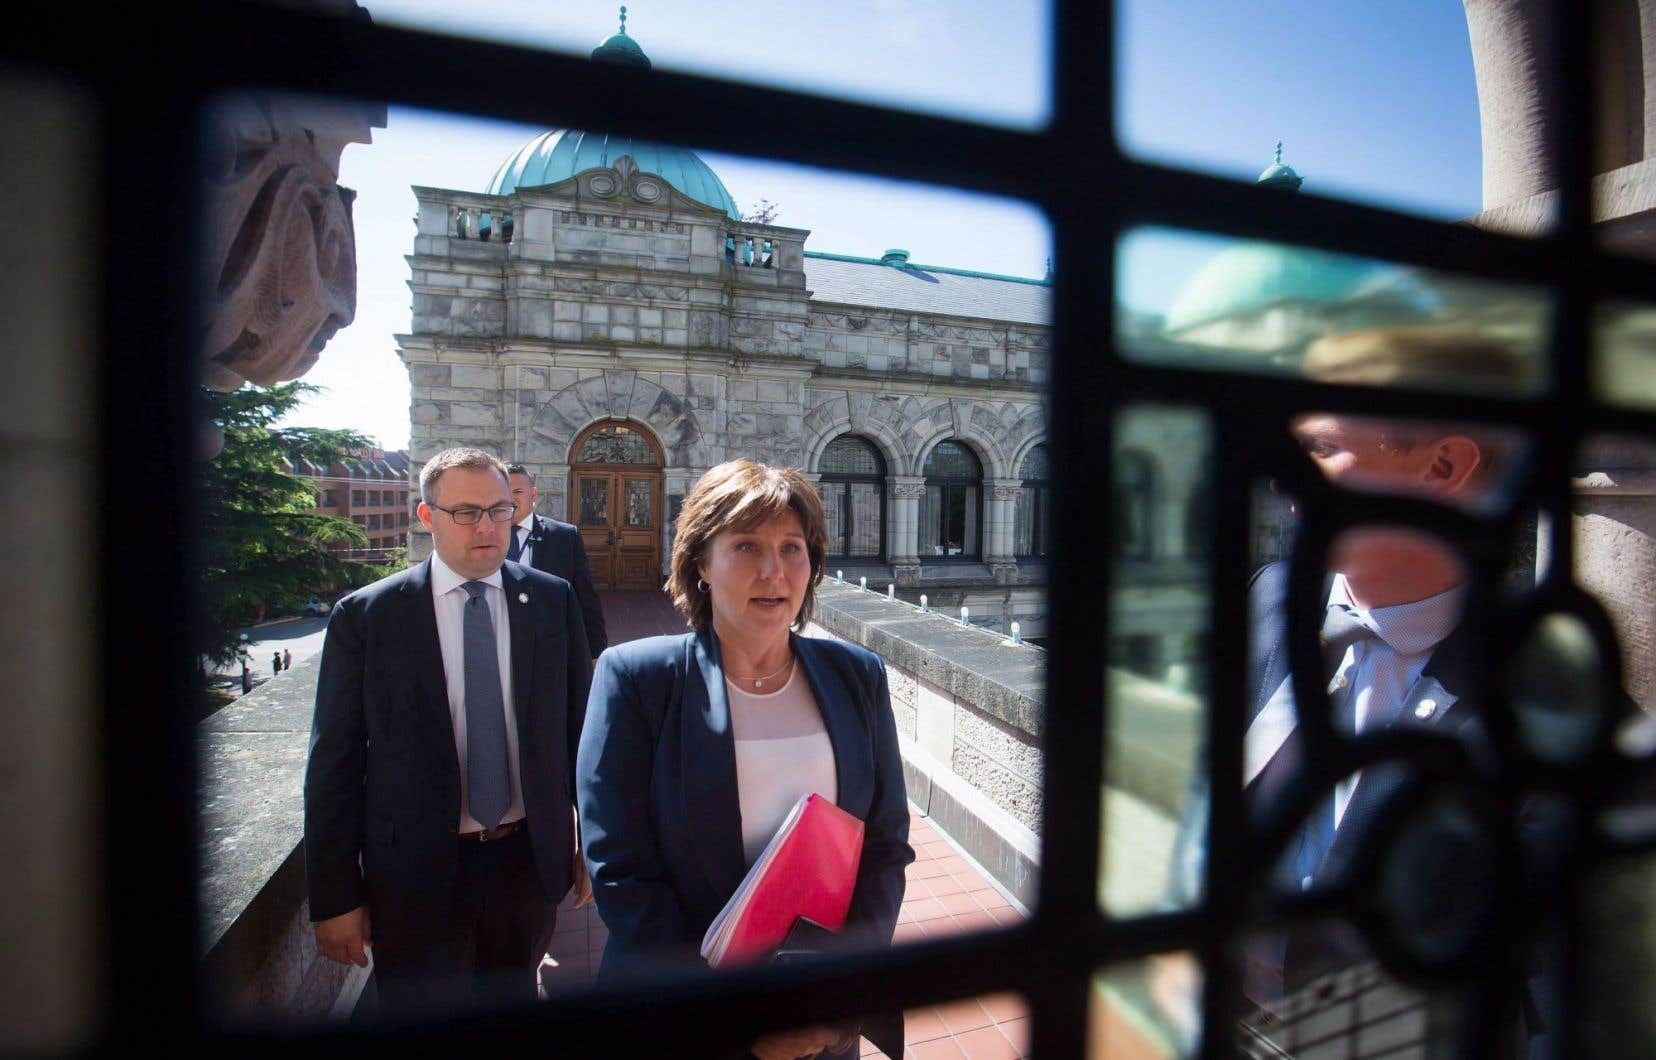 Fait exceptionnel, la première ministre Christy Clark s'est vu refuser la tenue de nouvelles élections par la lieutenante-gouverneure de la Colombie-Britannique, Judith Guichon.